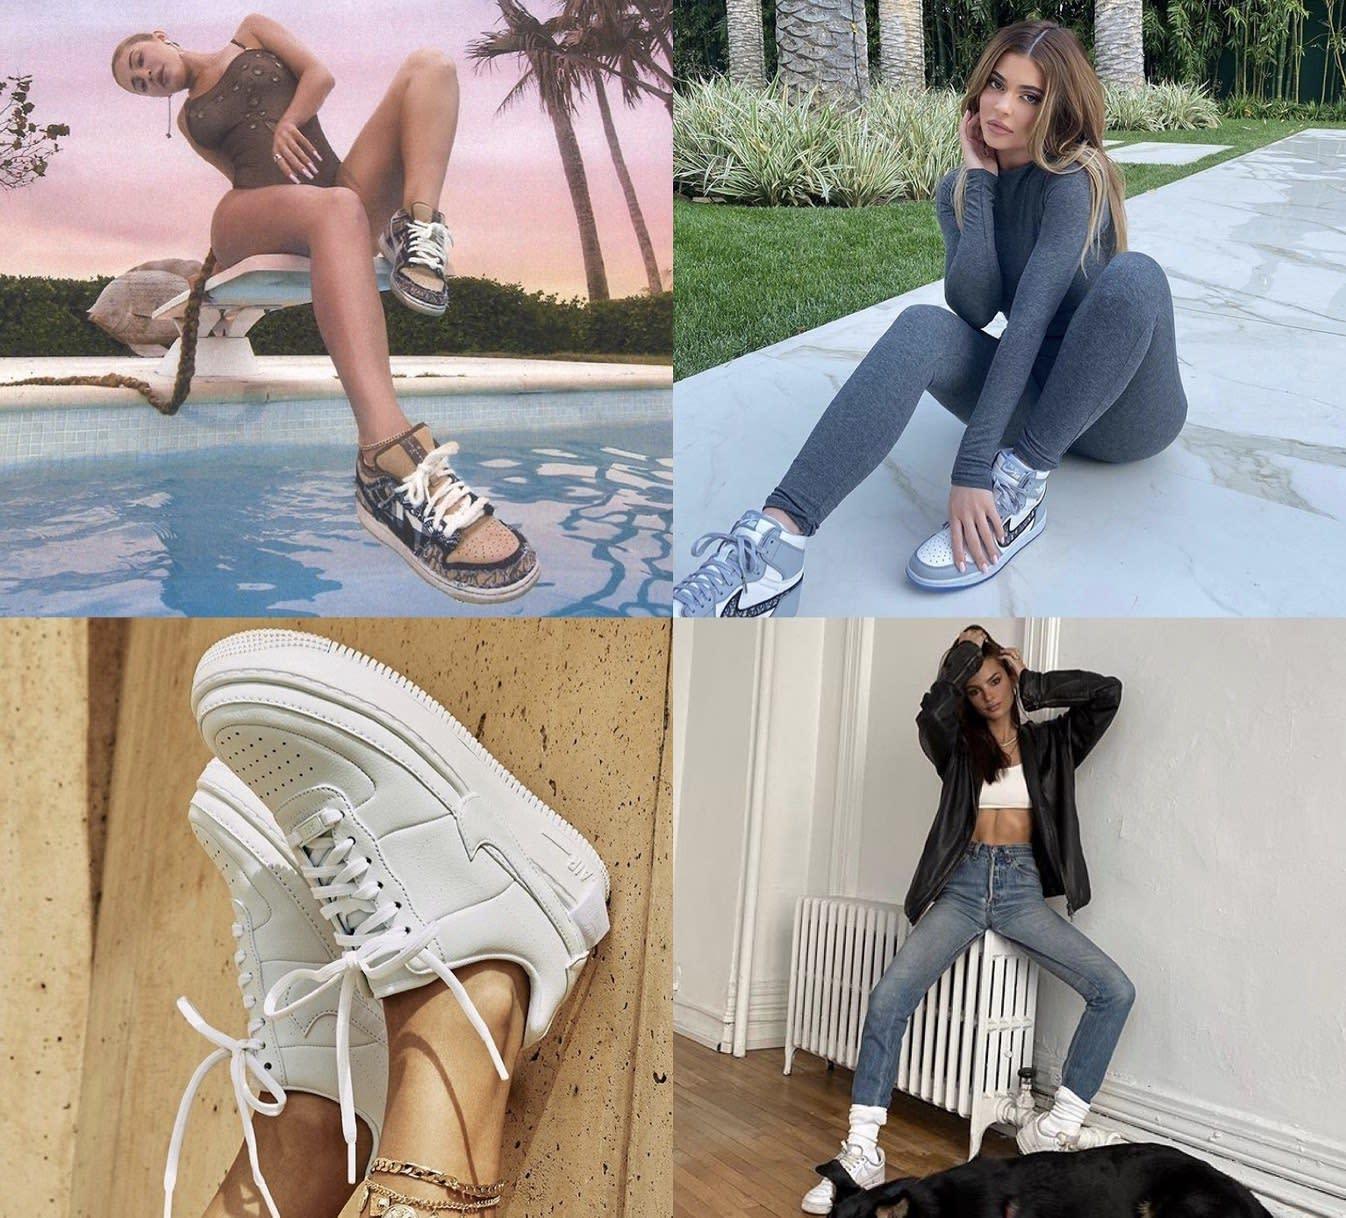 Nike年度大促全館3折起!這幾款運動鞋超犯規,名媛女星都被燒到!